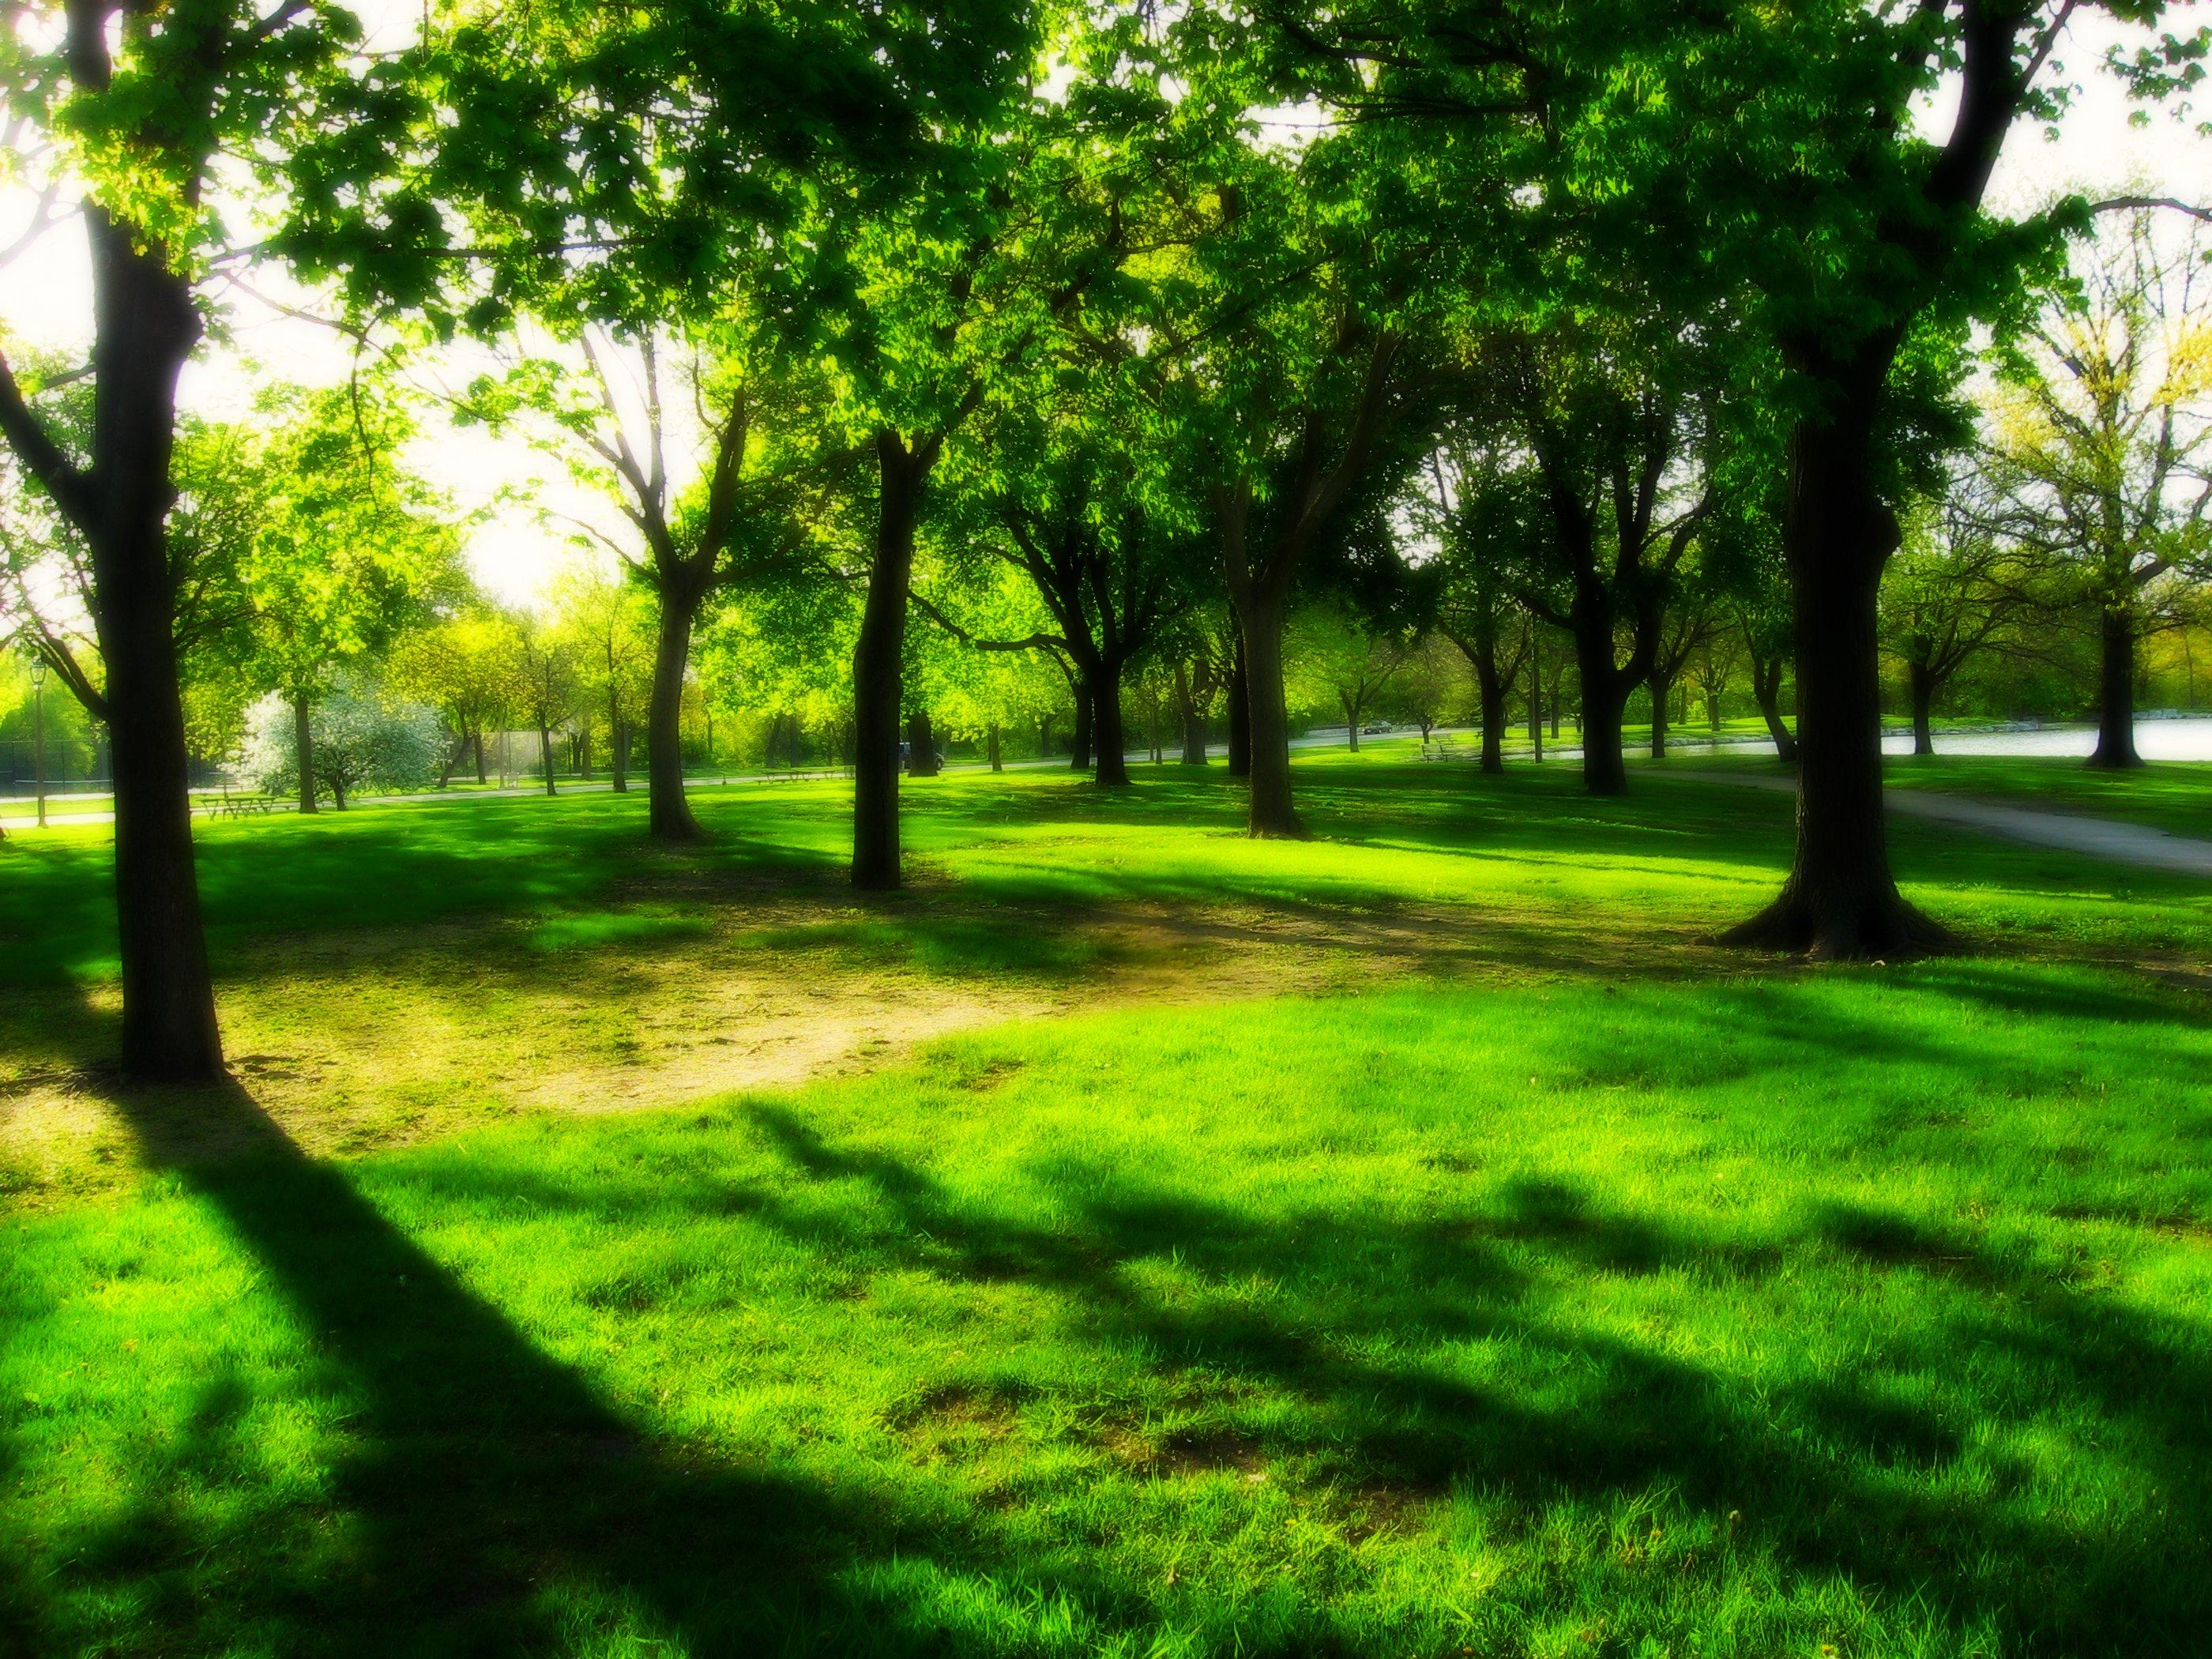 Nature Parks In Binghamton Ny